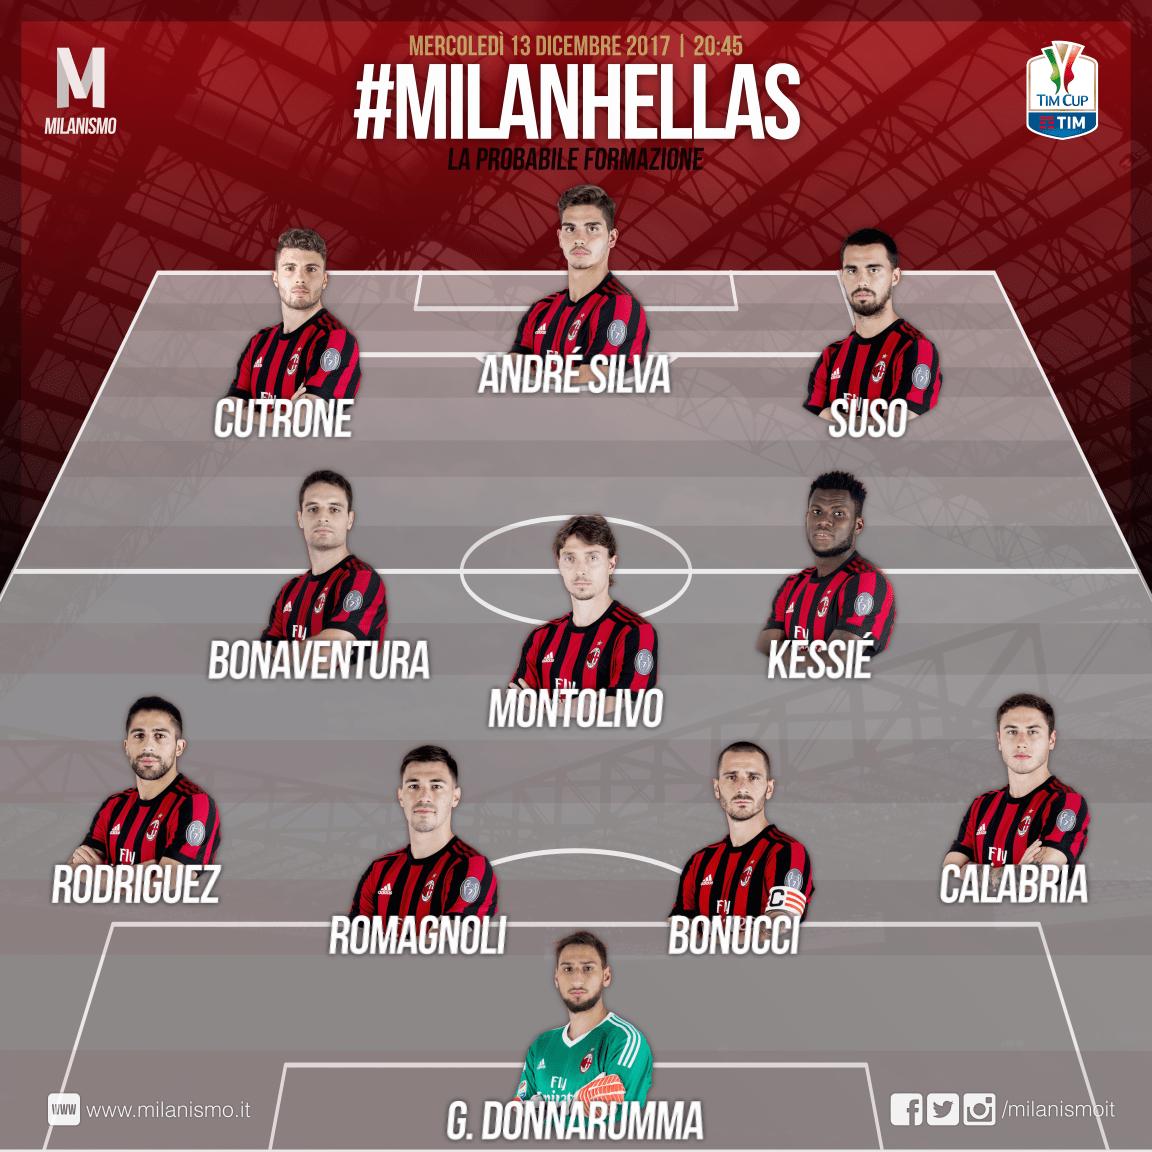 La probabile formazione scelta da Gattuso per Milan-Hellas Verona, ottavi di finale di Coppa Italia